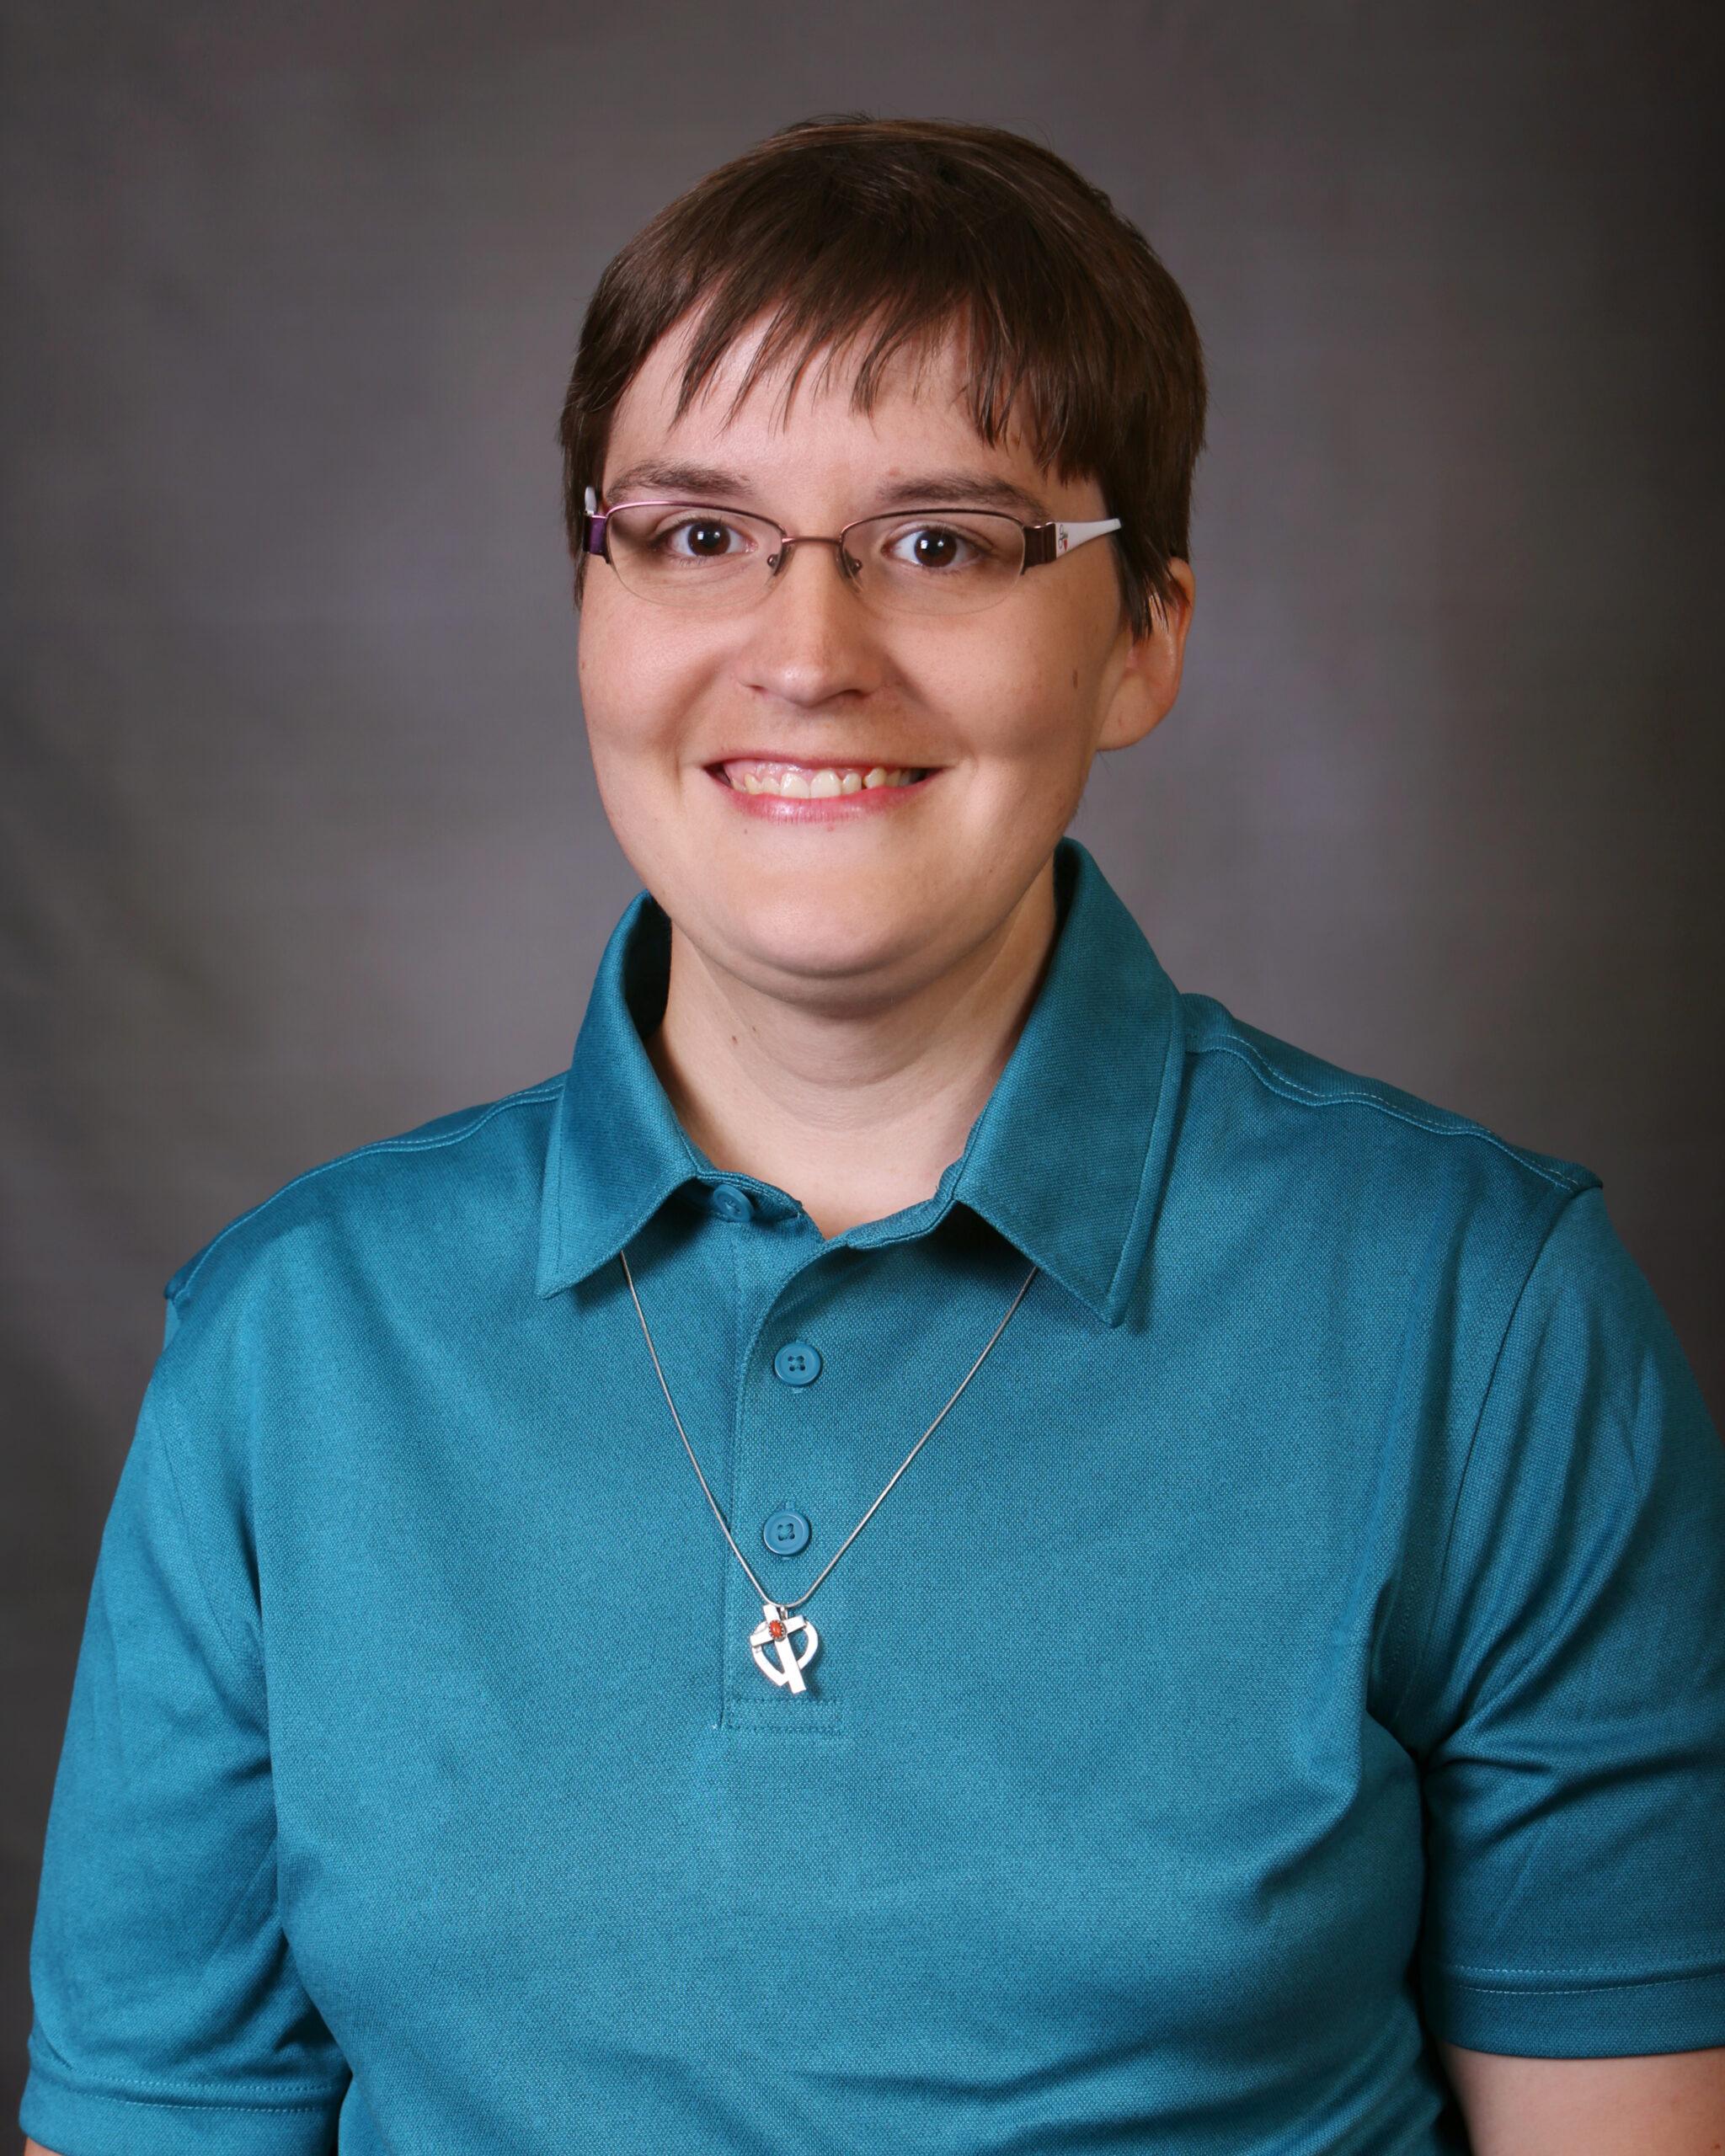 Sister Kristen Forgotch, ASC